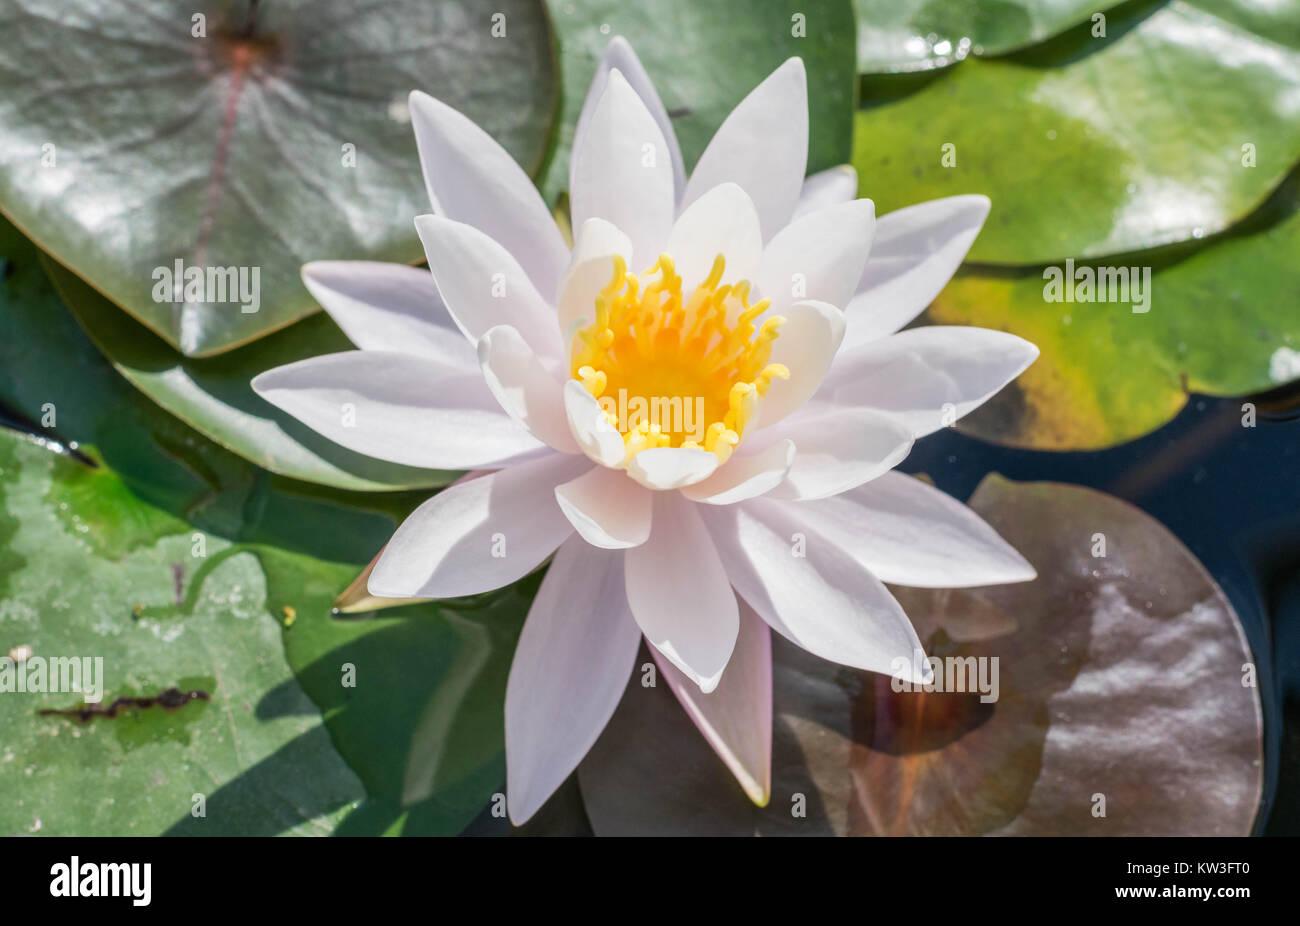 de pr s la fleur de lotus blanc isol avec un centre. Black Bedroom Furniture Sets. Home Design Ideas